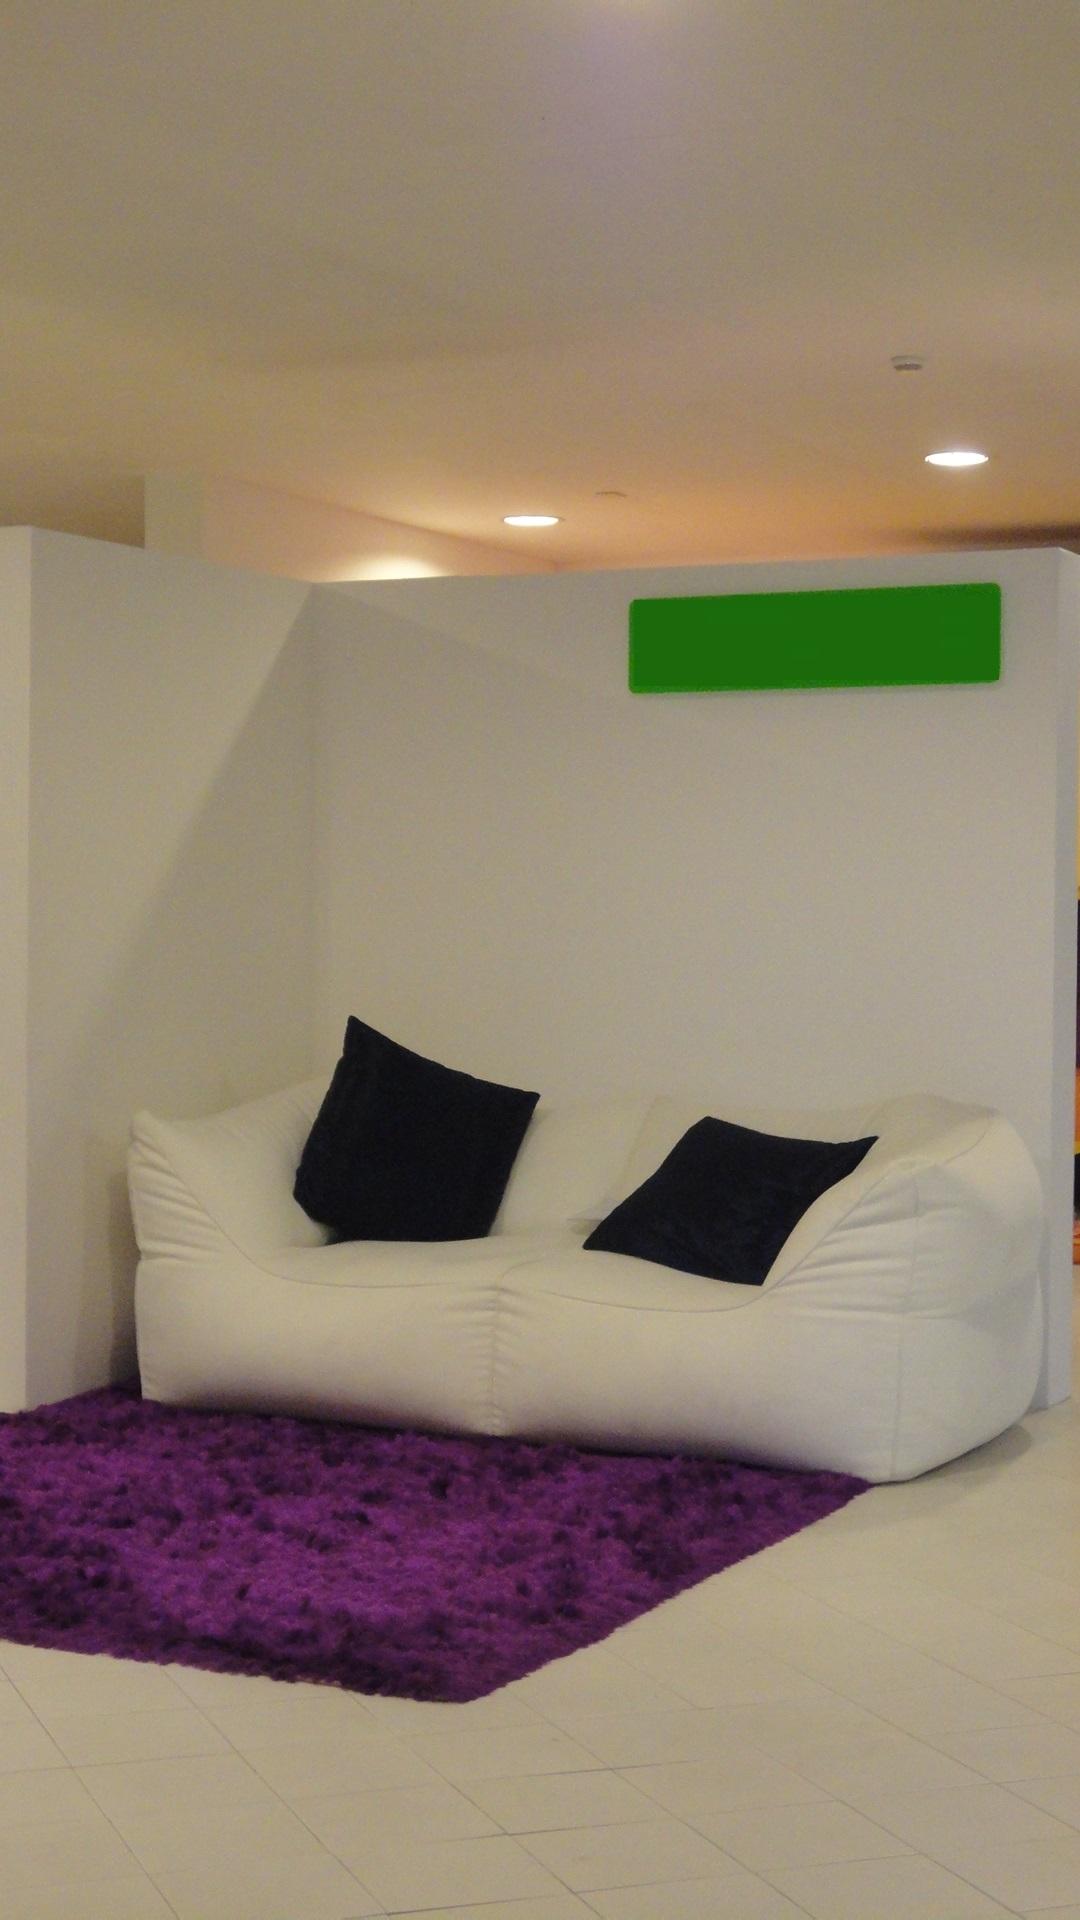 Pianca divano pouf modello limbo scontato del 70 - Divano profondita 70 ...